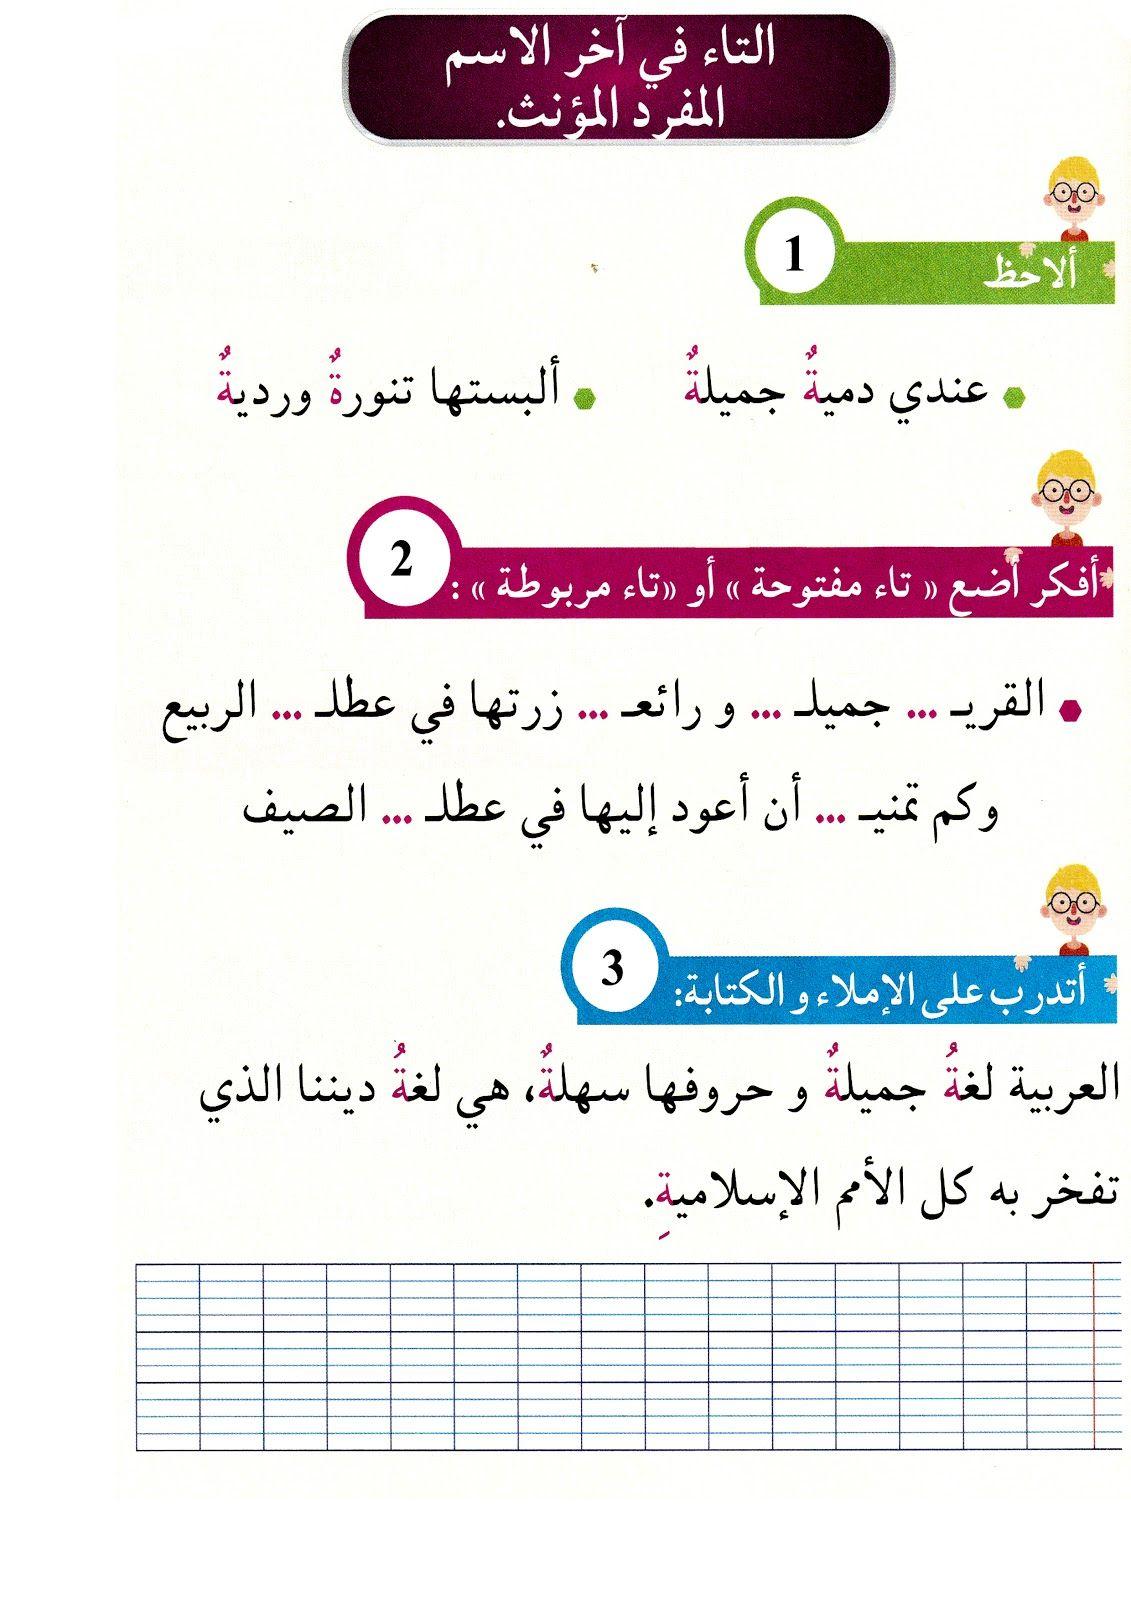 تمارين دروس تقوية مراجعة ودعم الأسبوع الثالث للسنة الثالثة ابتدائي في اللغة العربية